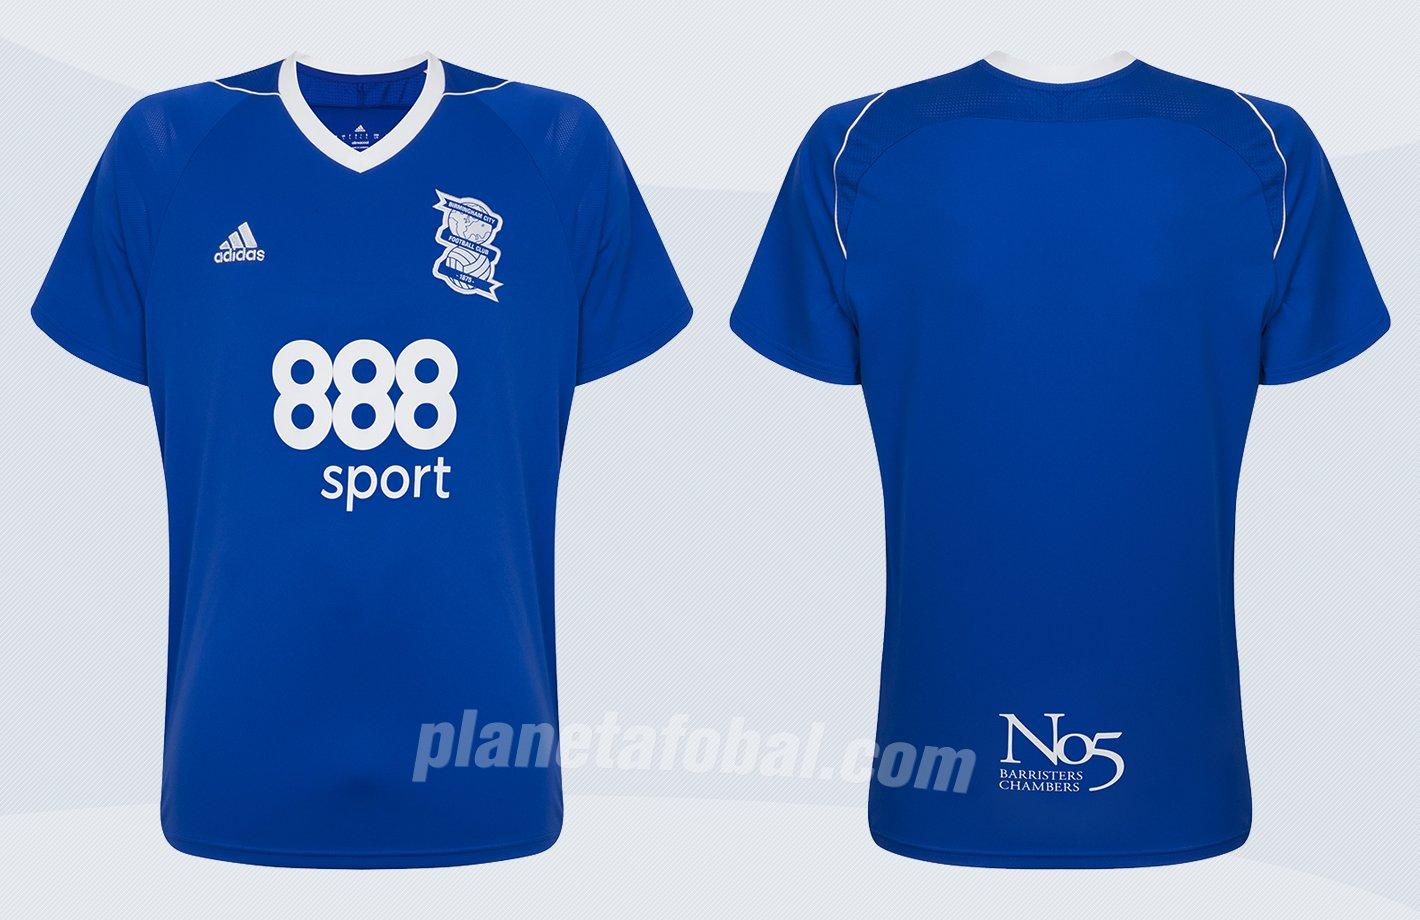 Camiseta titular Adidas 2017-18 del Birmingham City | Imágenes Web Oficial